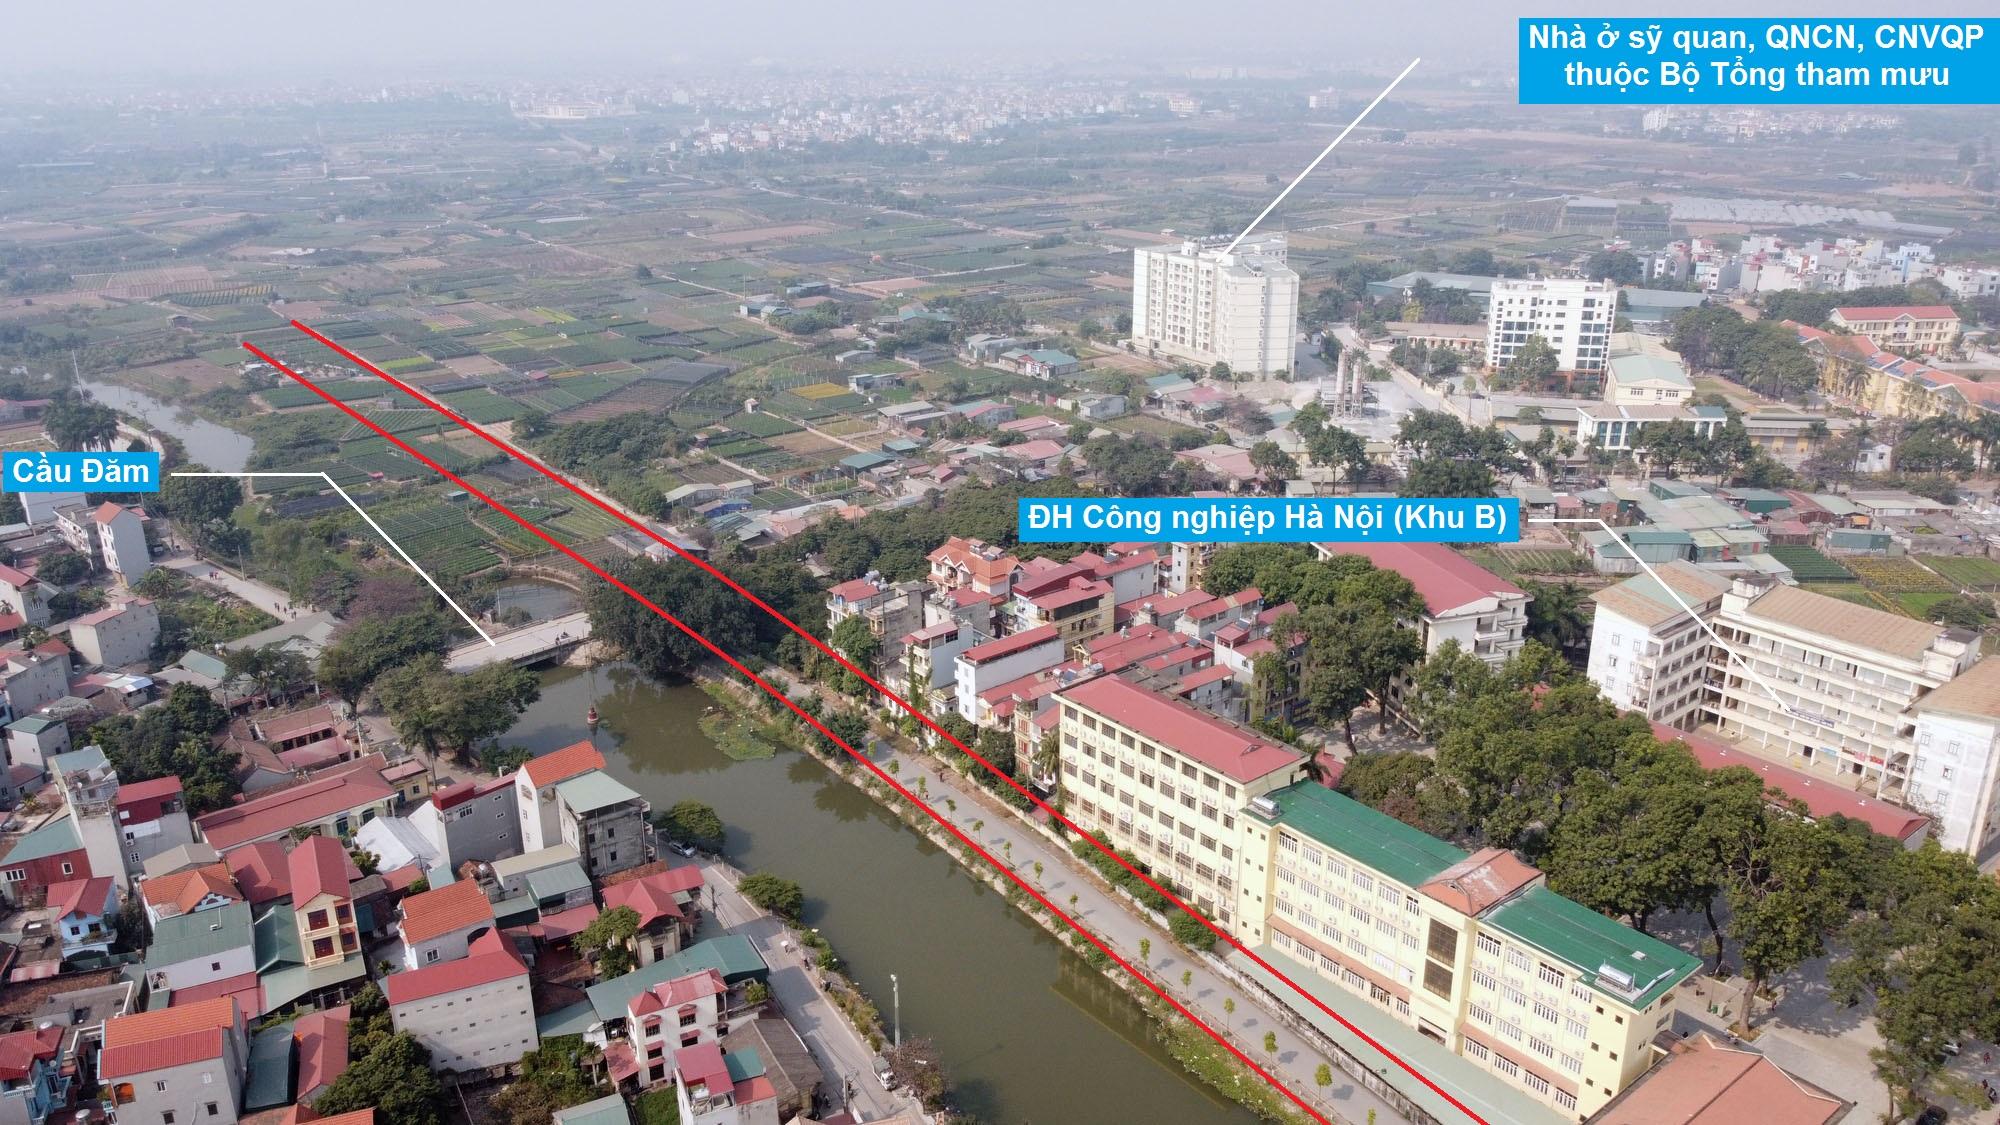 Ba đường sẽ mở theo qui hoạch ở phường Tây Tựu, Bắc Từ Liêm (phần 2) - Ảnh 9.